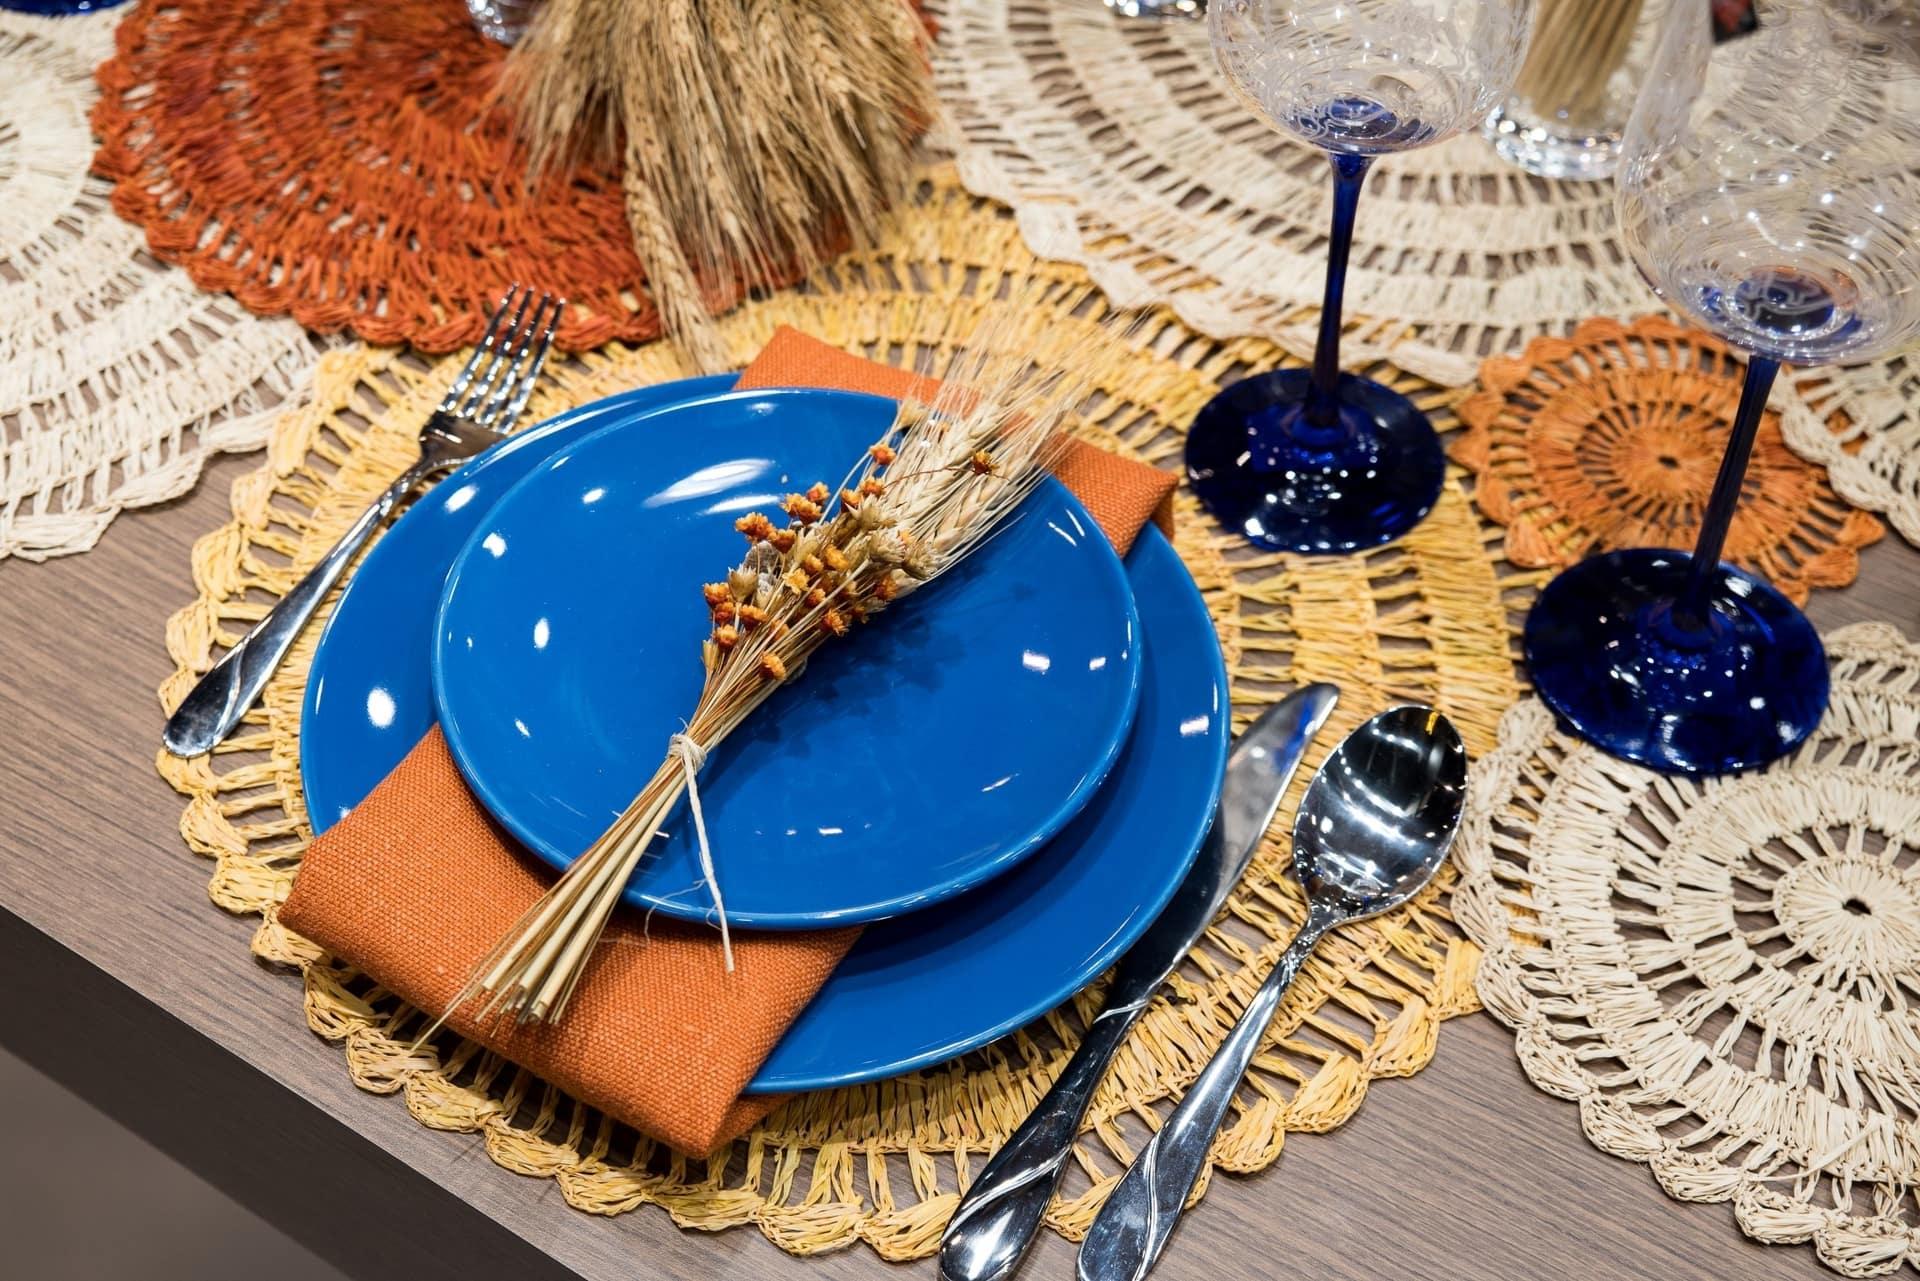 Imagem: Vale inclusive misturar as tendências. Essa mesa posta, por exemplo, mistura a cor de 2020 com materiais naturais. Foto: Henrique Peron